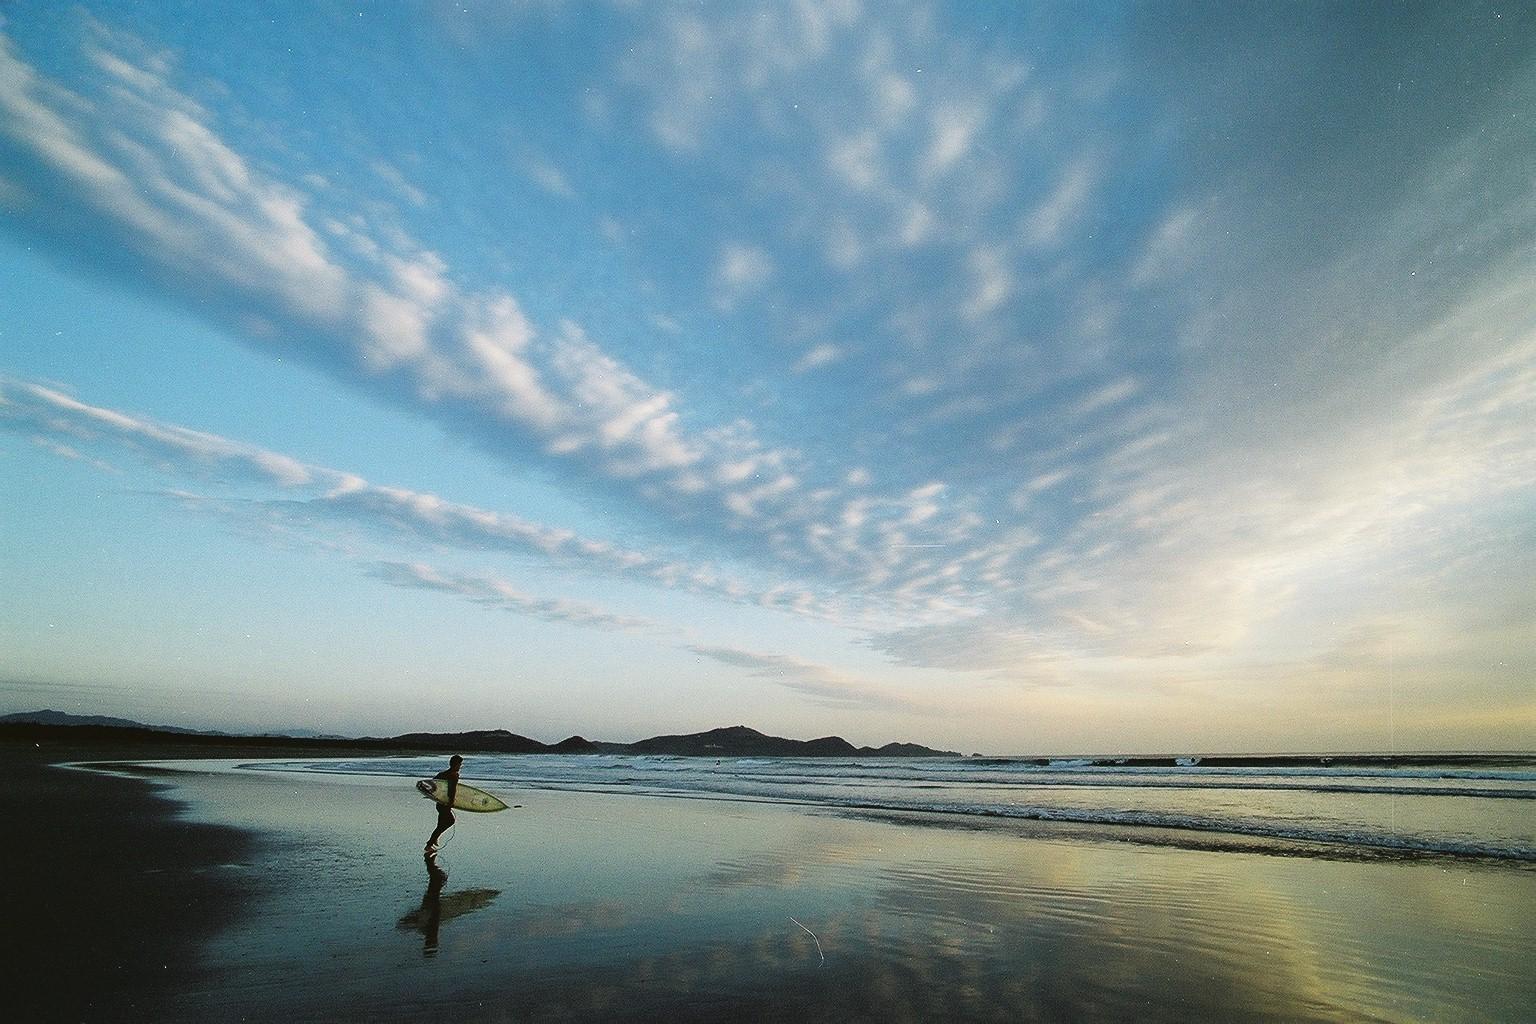 【ふるさと納税】ヒュー!日向 サーフィンとフォトジェニックな日向を楽しむたび 2泊3日